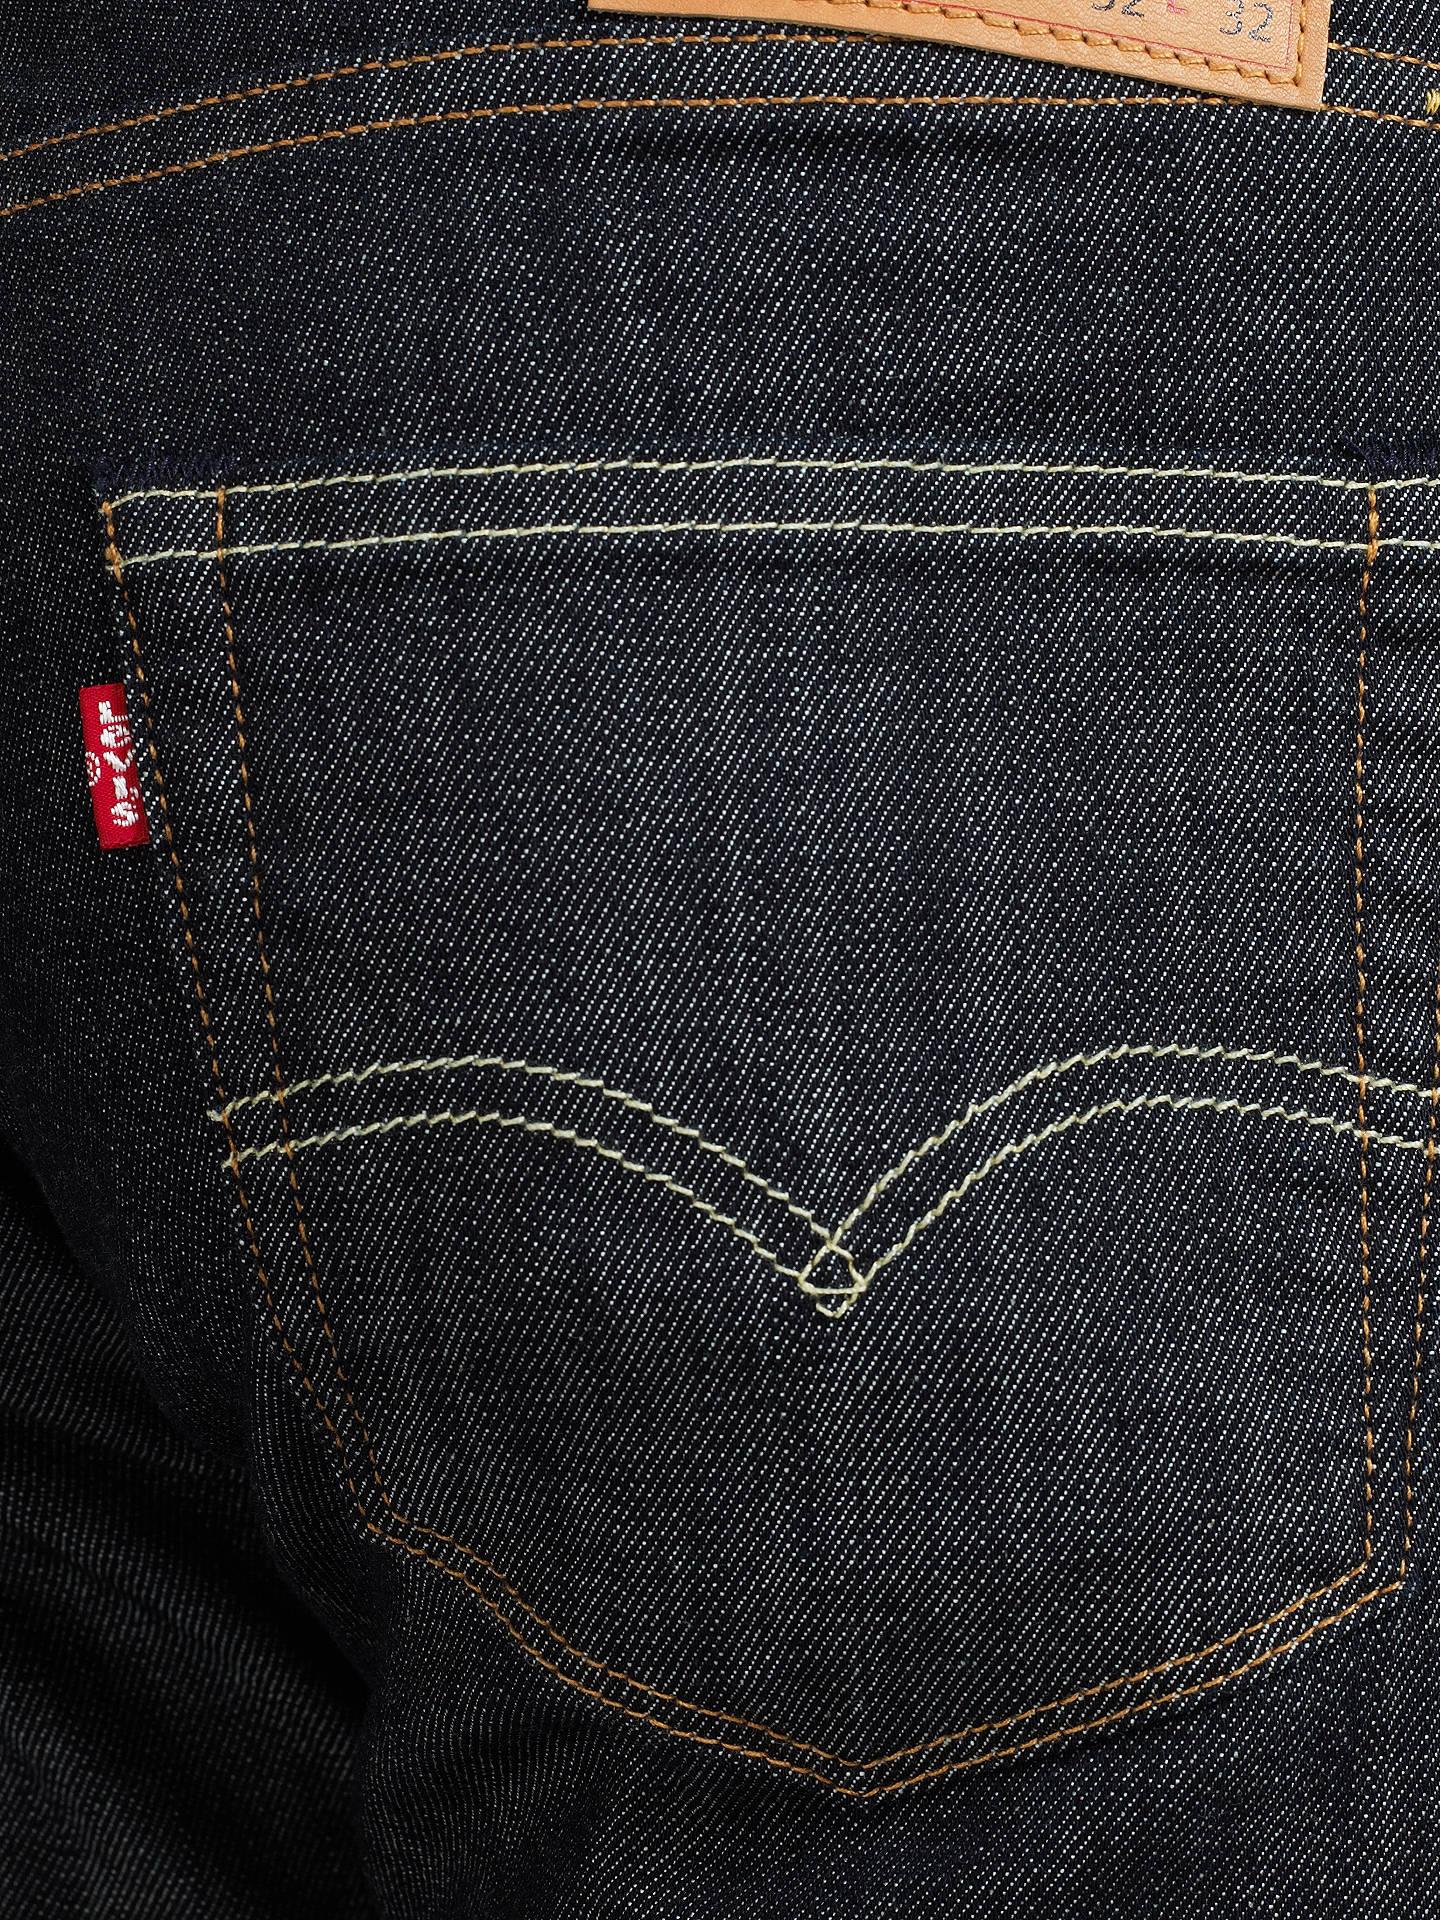 d8676606 ... Buy Levi's 504 Regular Straight Jeans, Hi Def, 30S Online at  johnlewis.com